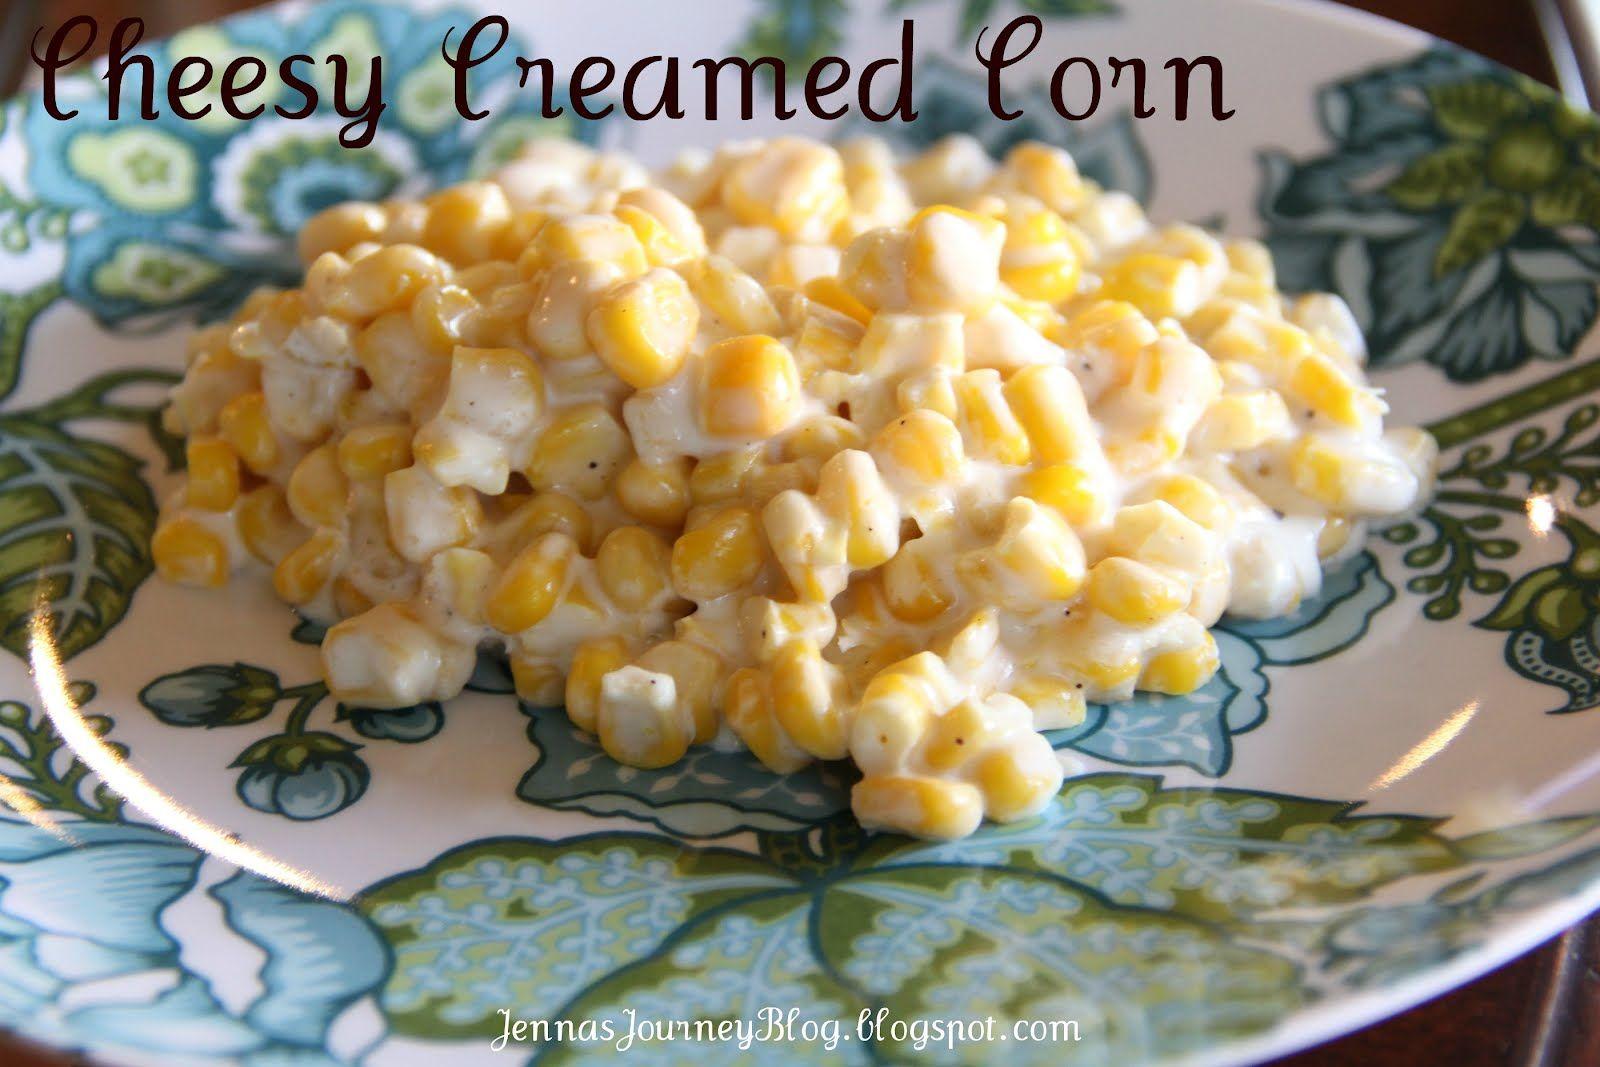 Cheesy Creamed Corn